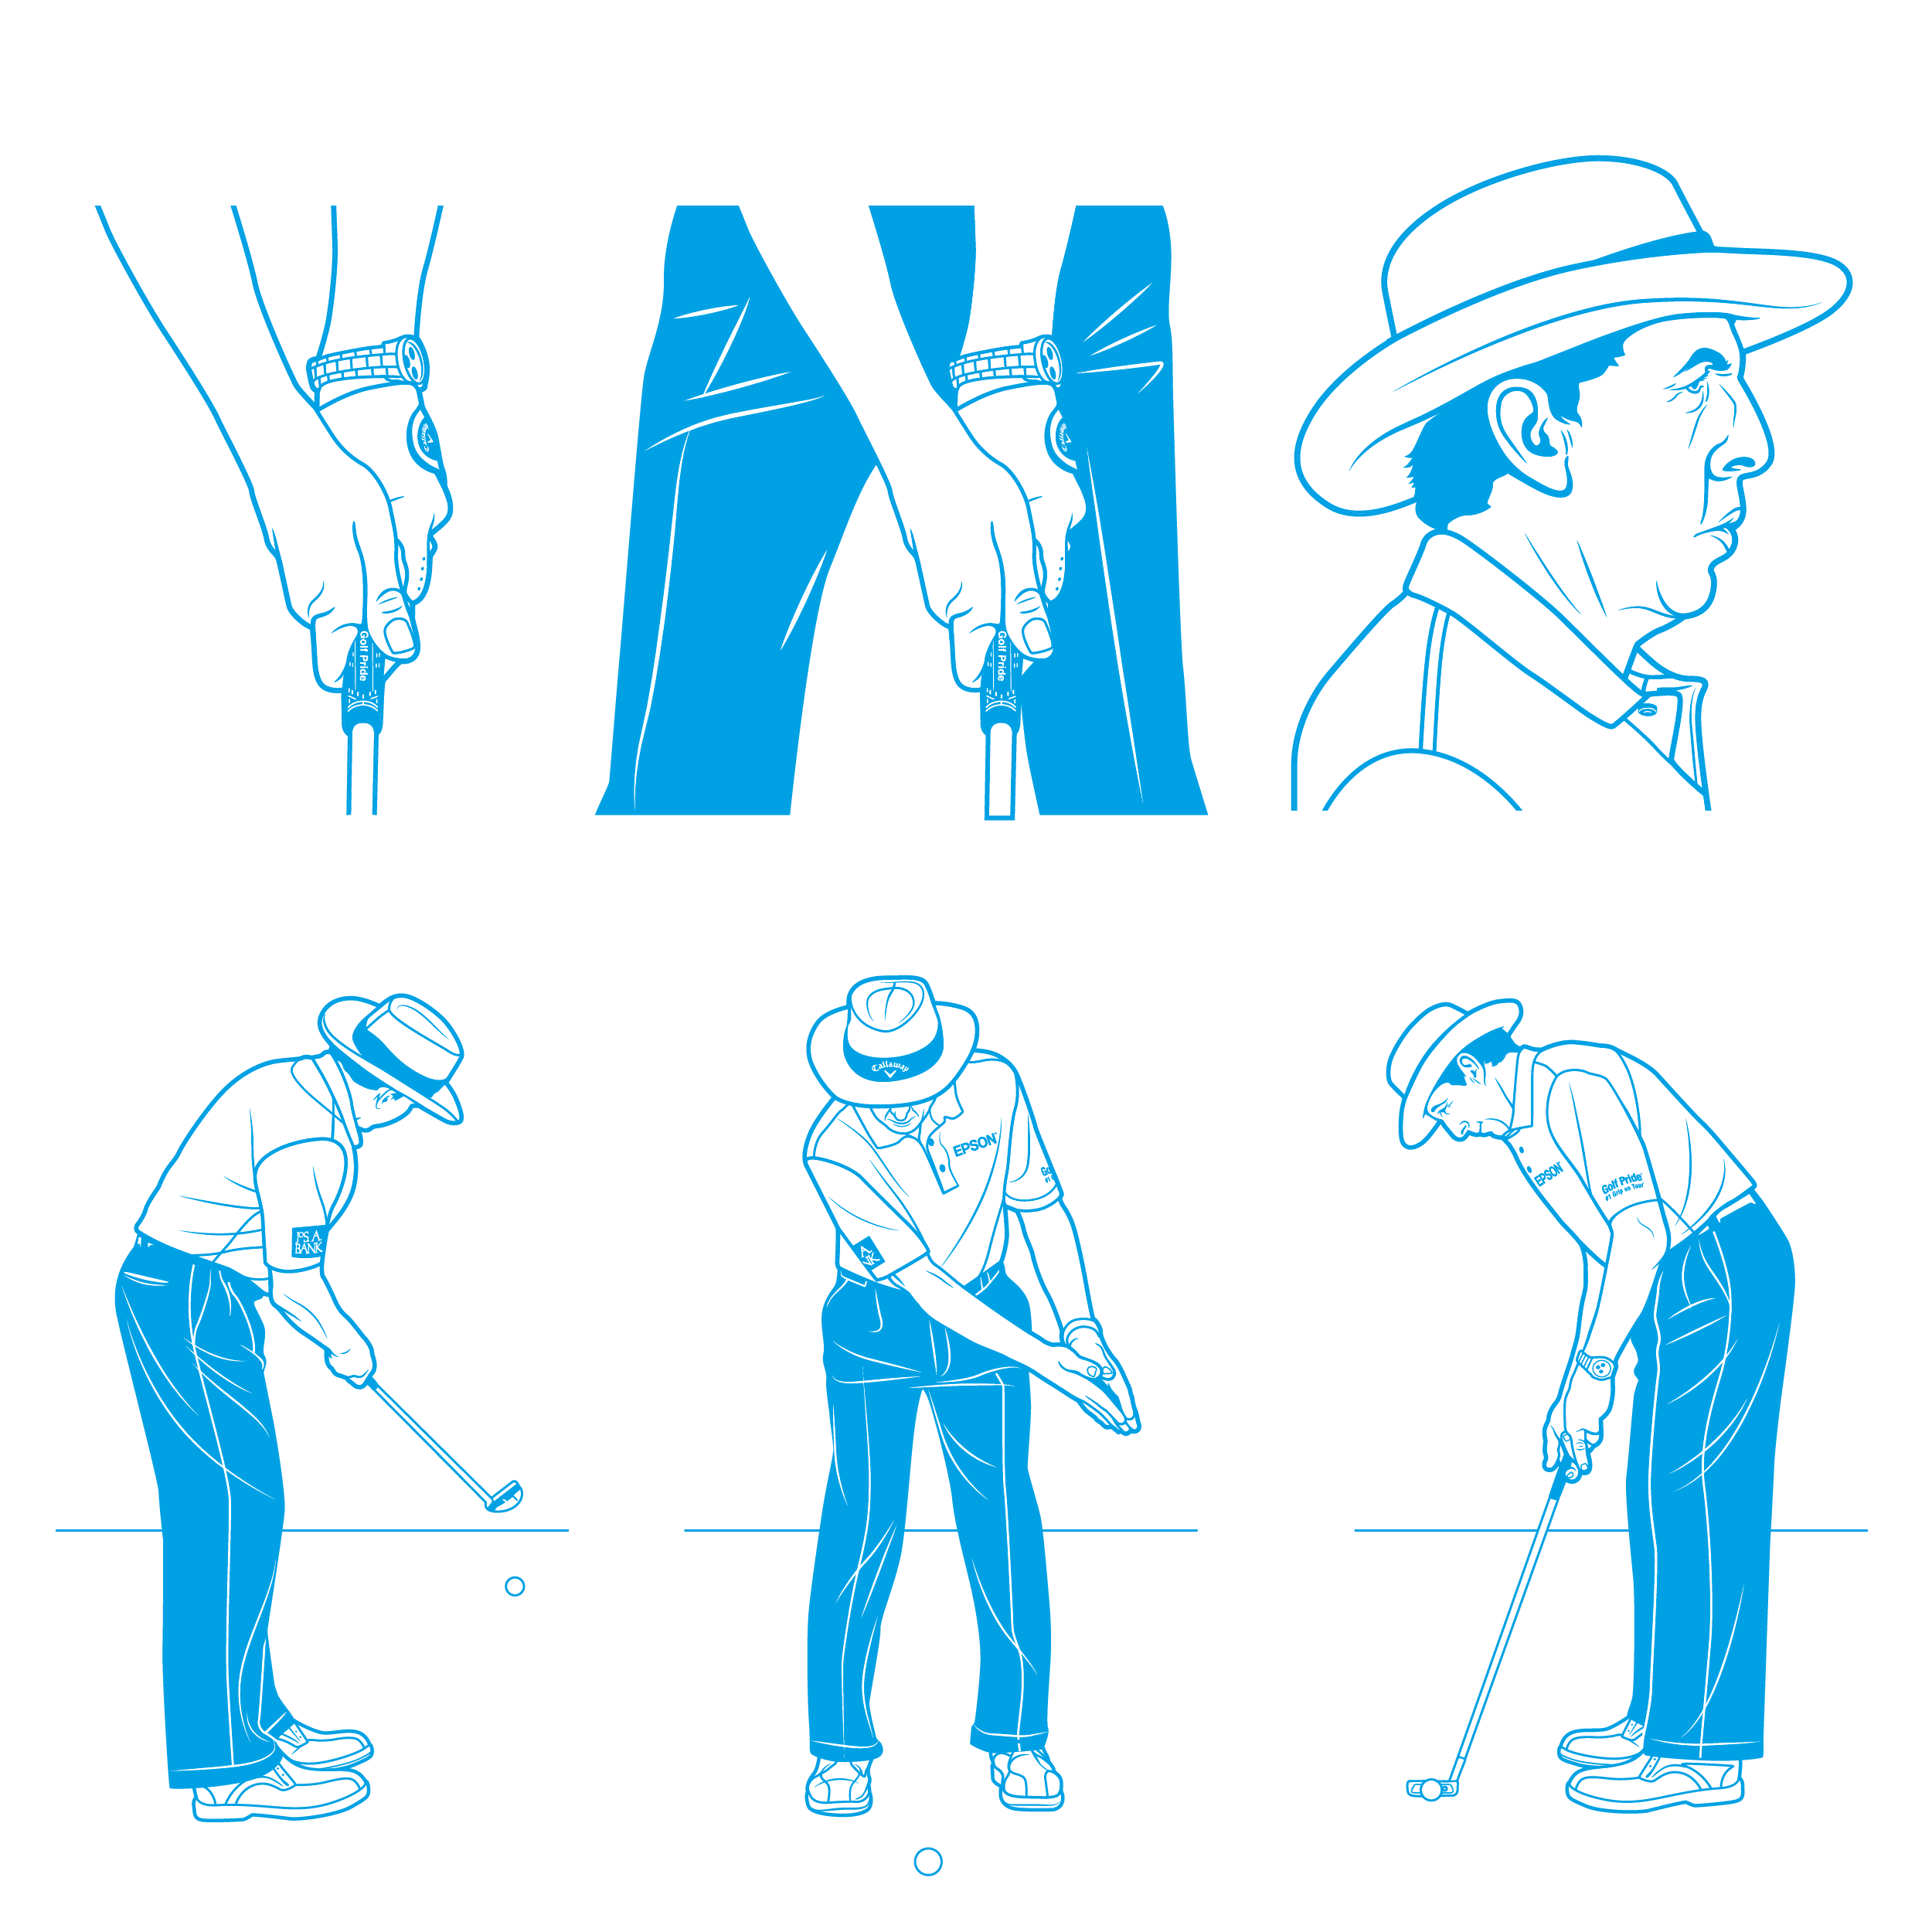 TM_Detwiler_How_to_Golf_Digest-01.png